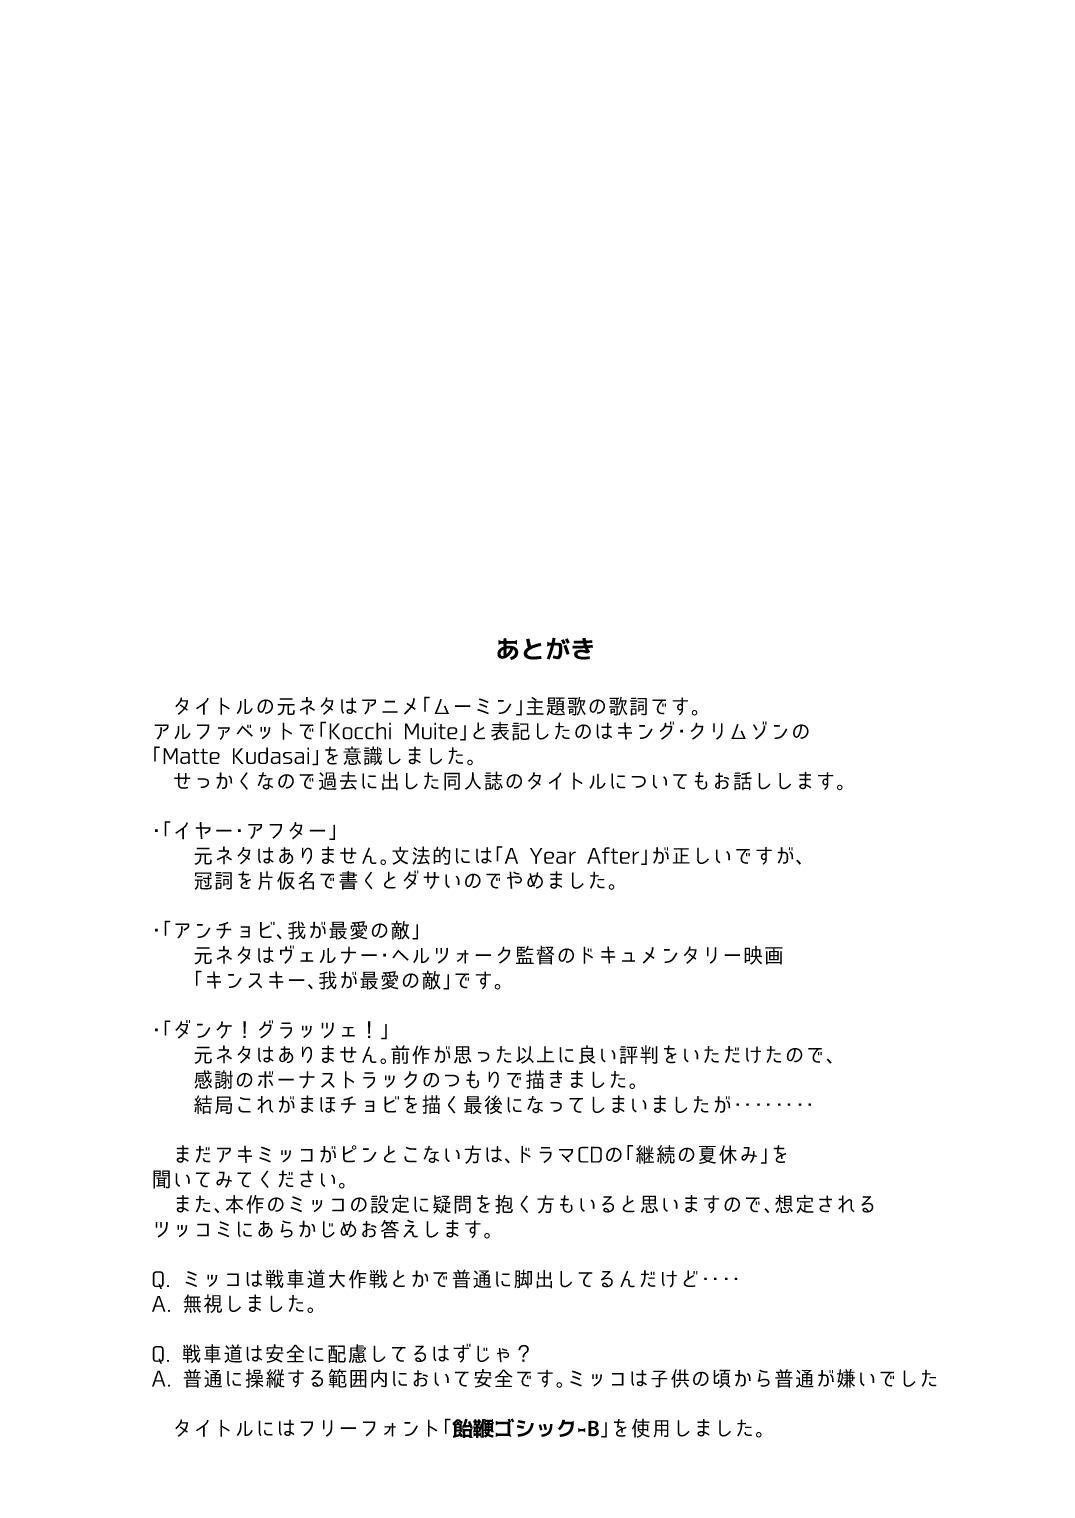 Nee Aki Kocchi Muite + 1 26